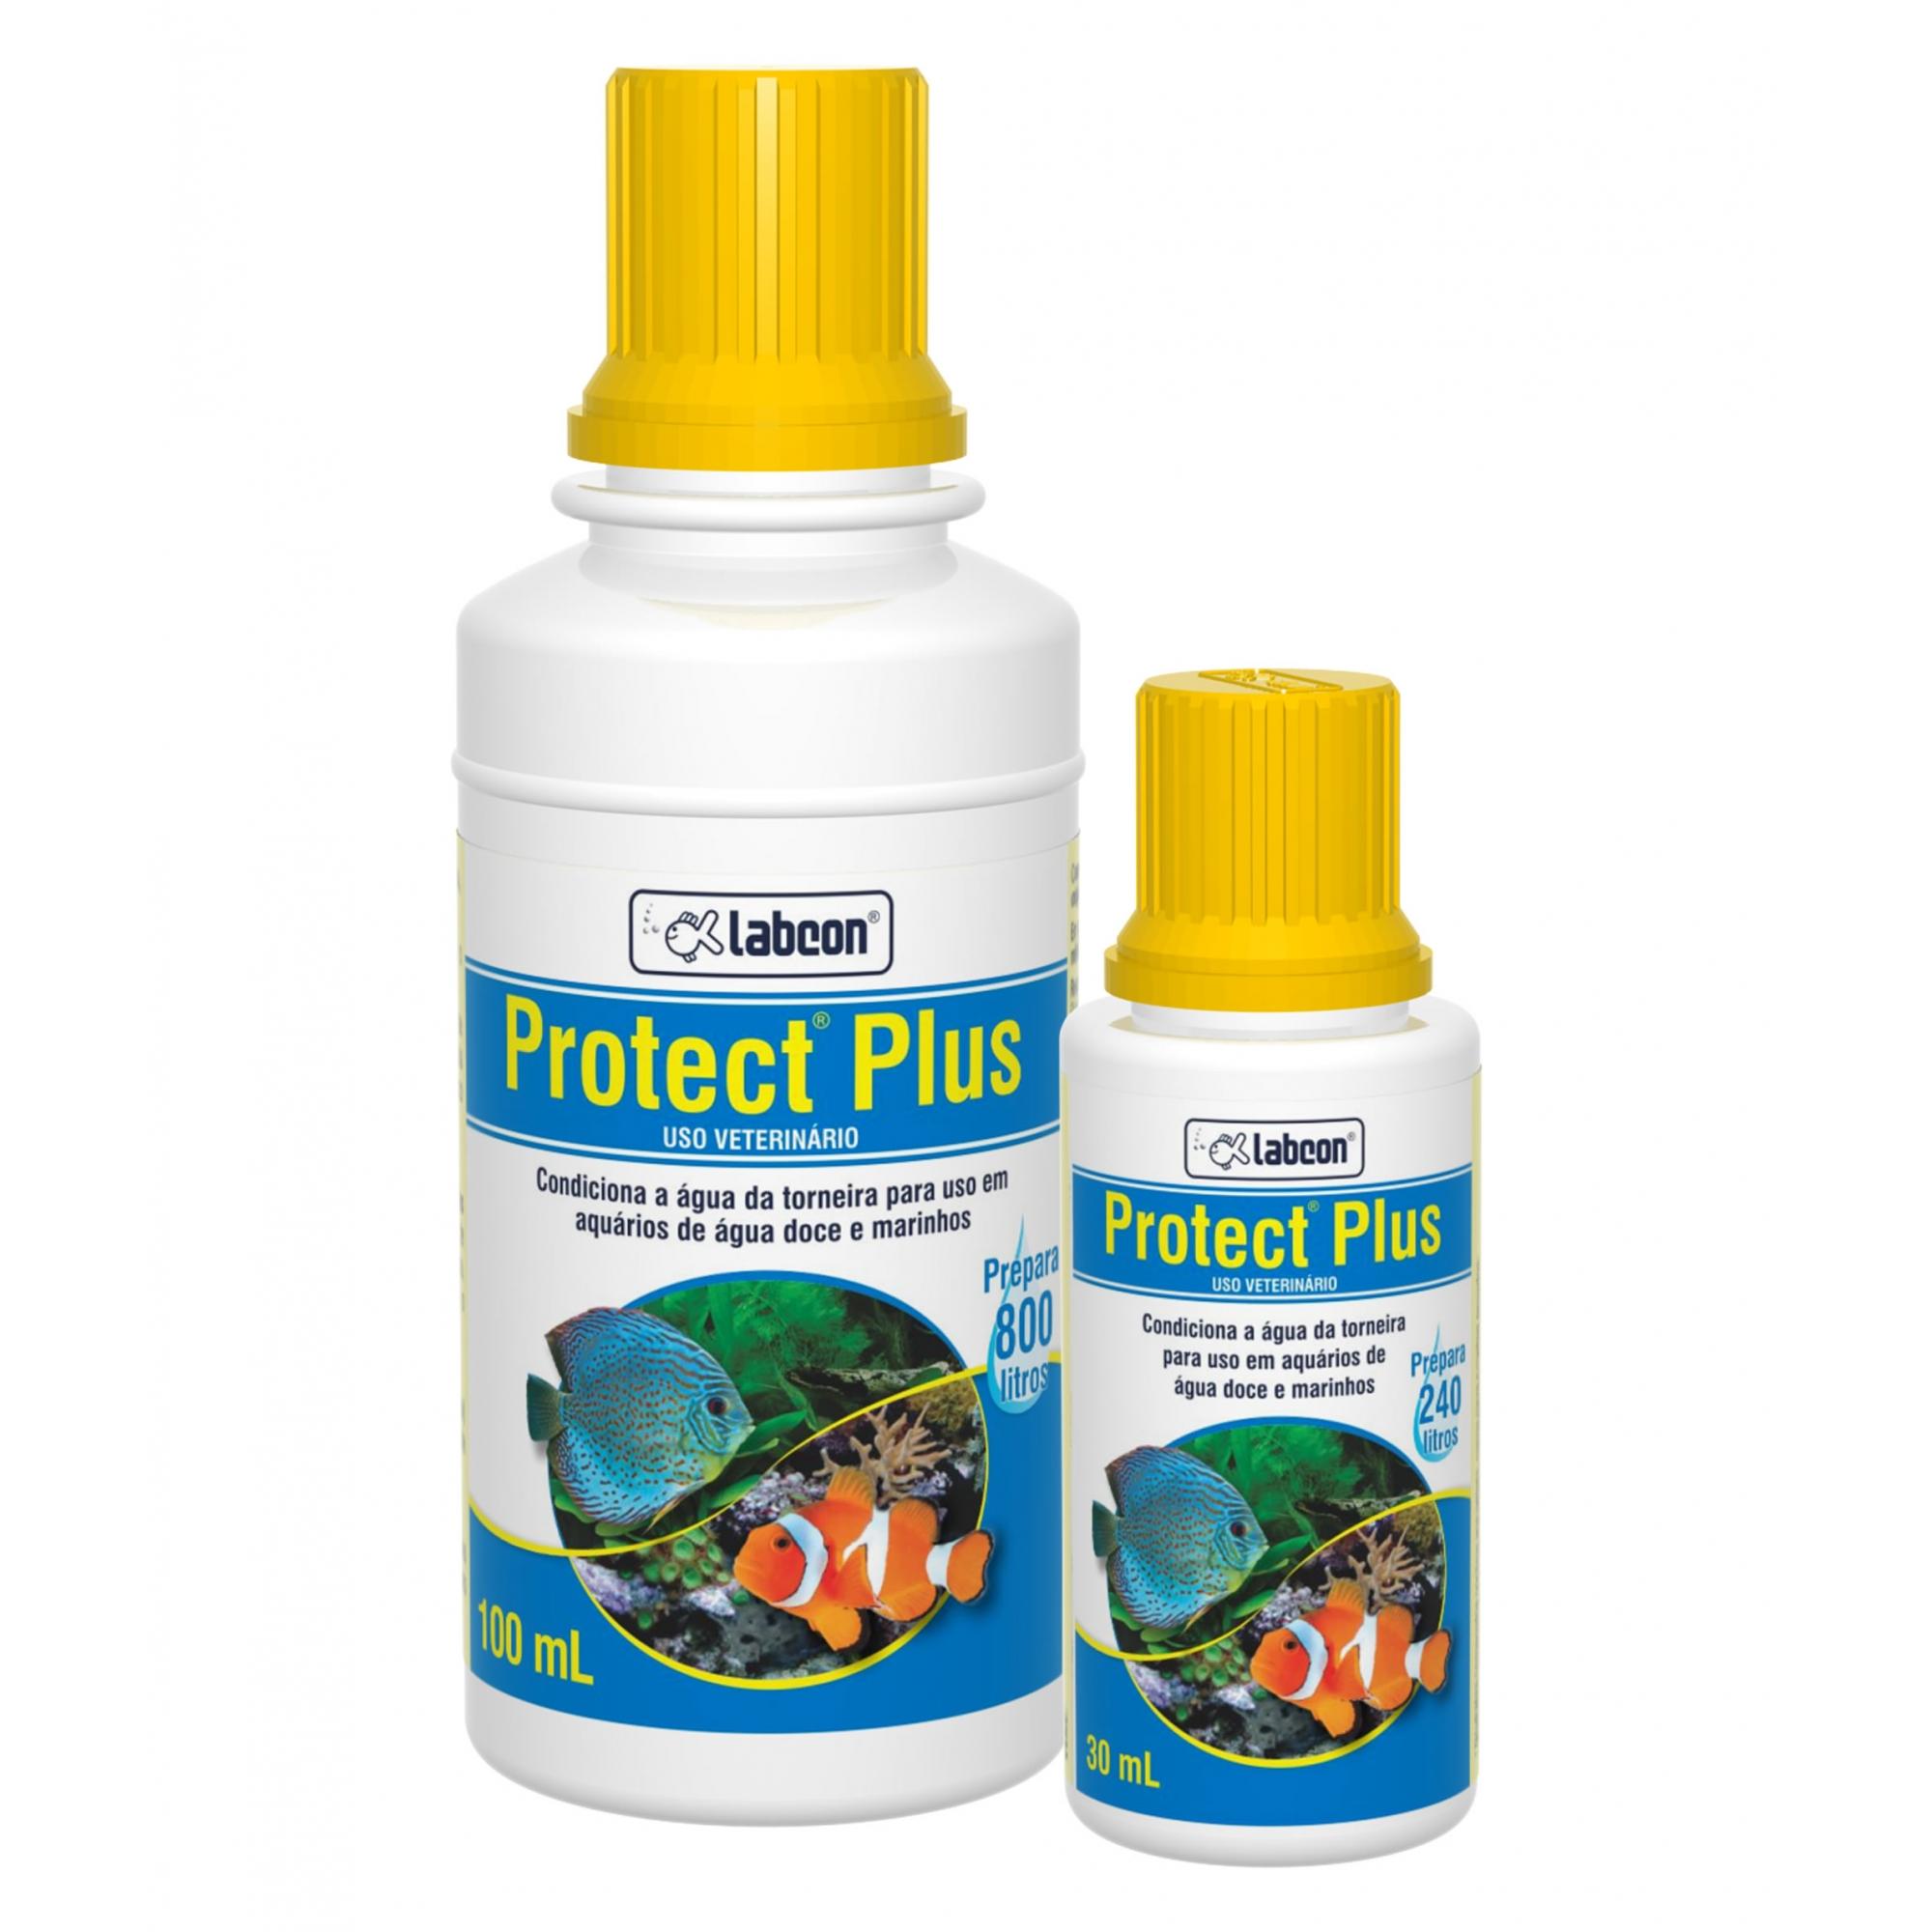 Labcon Protect Plus Anti Cloro Condicionador De Água  - 100ML